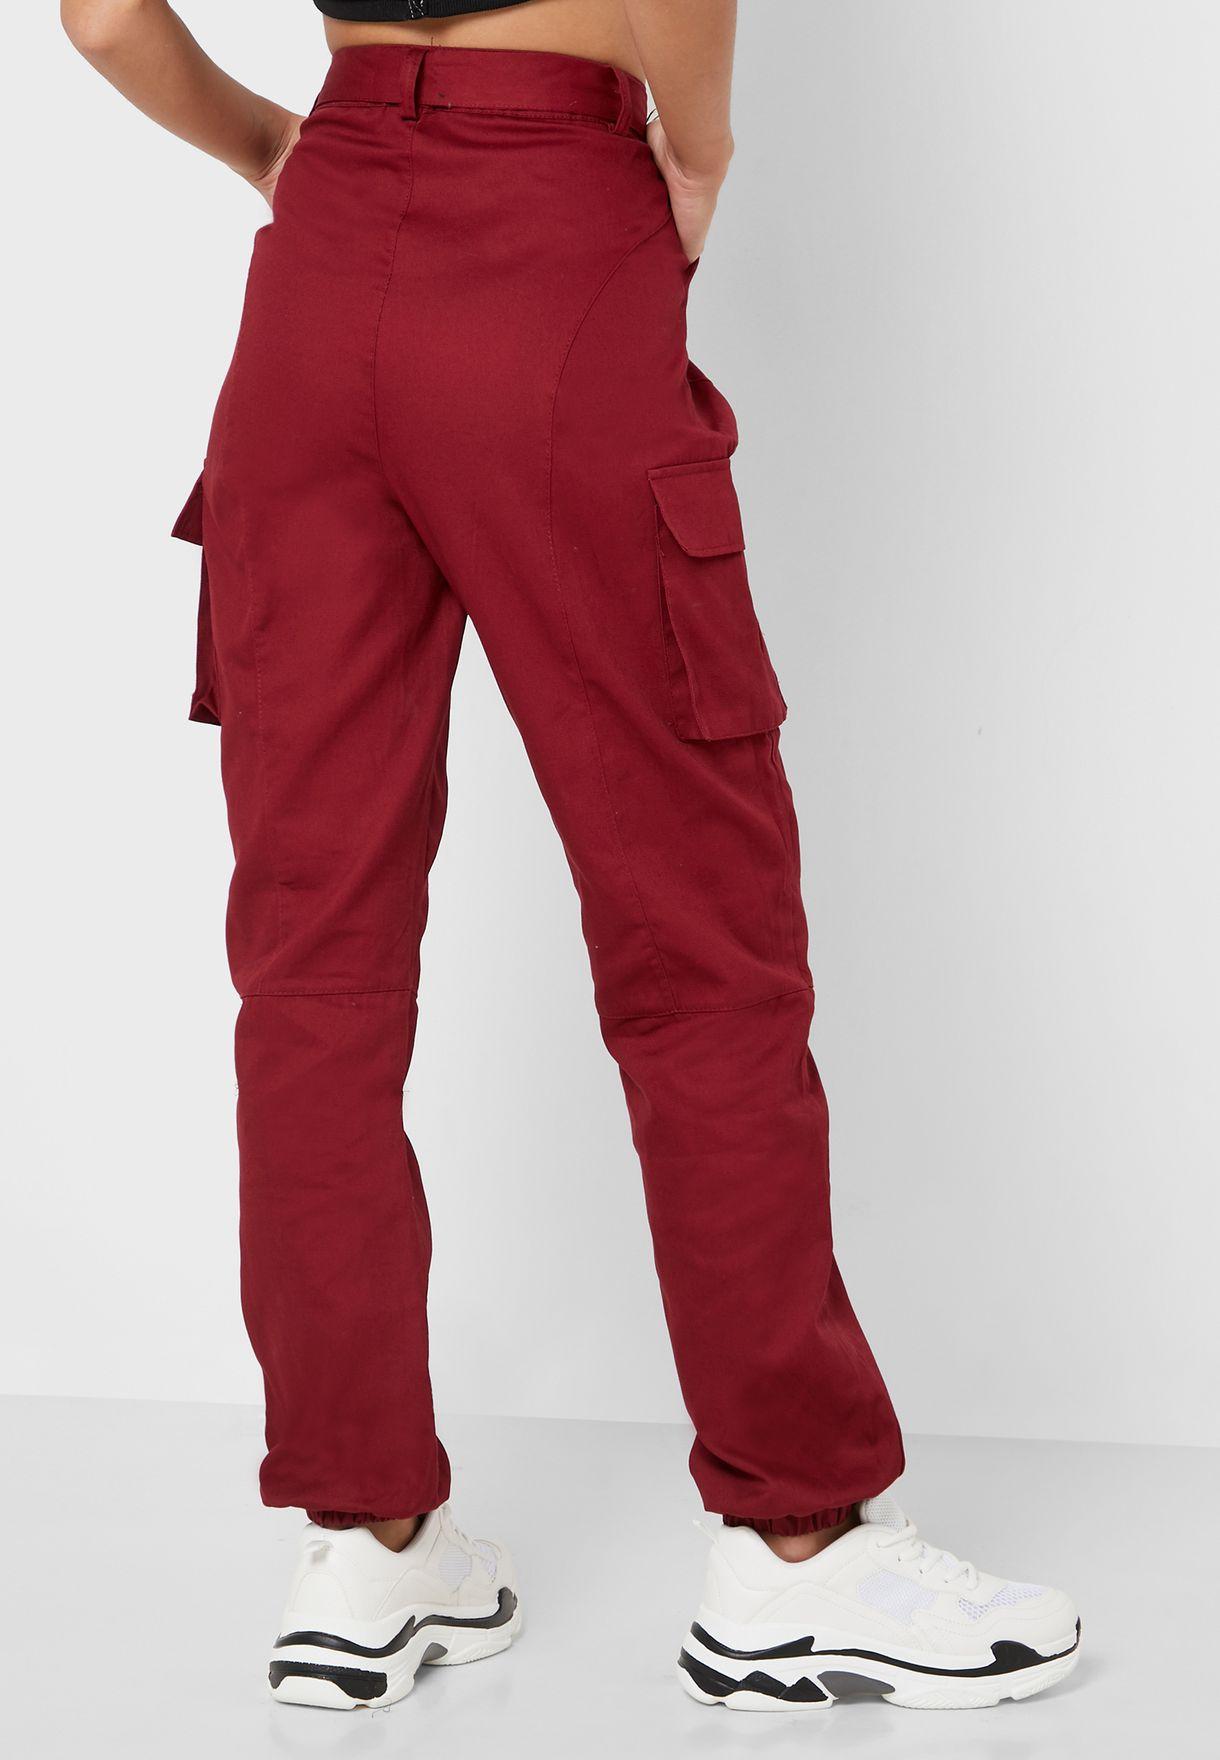 Belted Pocket Detail Pants